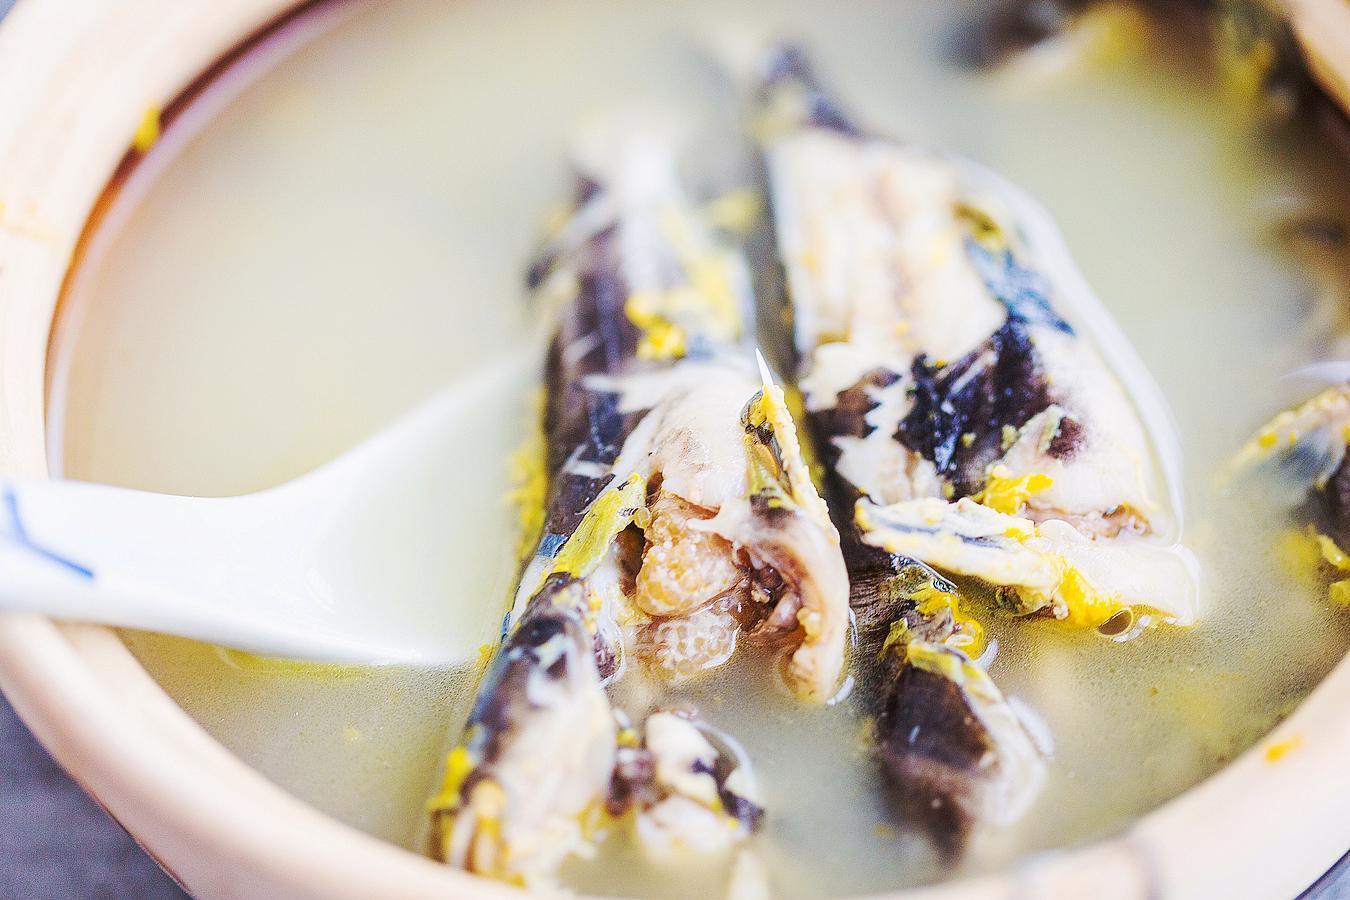 嘎牙鱼价格_农村河里这鱼 肉嫩刺少味鲜40元一斤 贵也要多给孩子吃!